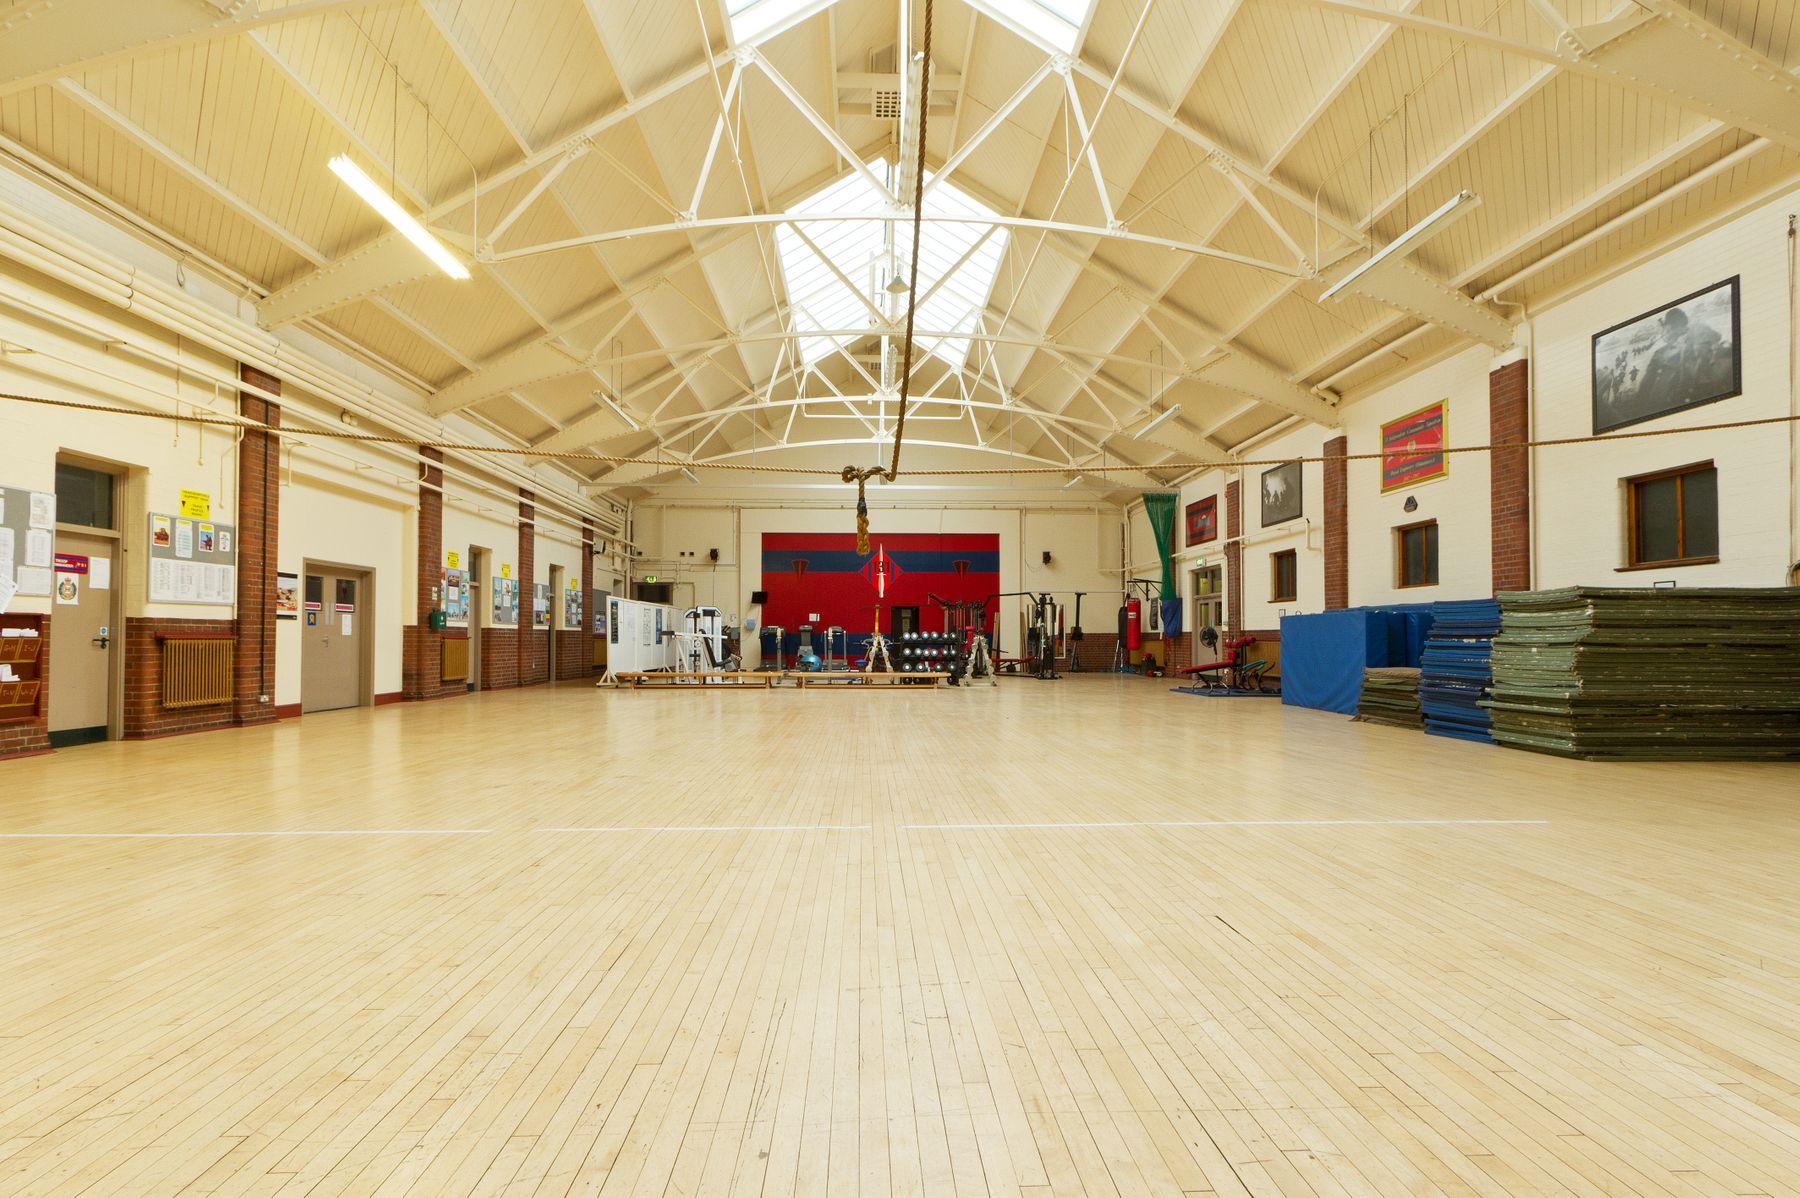 Hall - Kingsbury